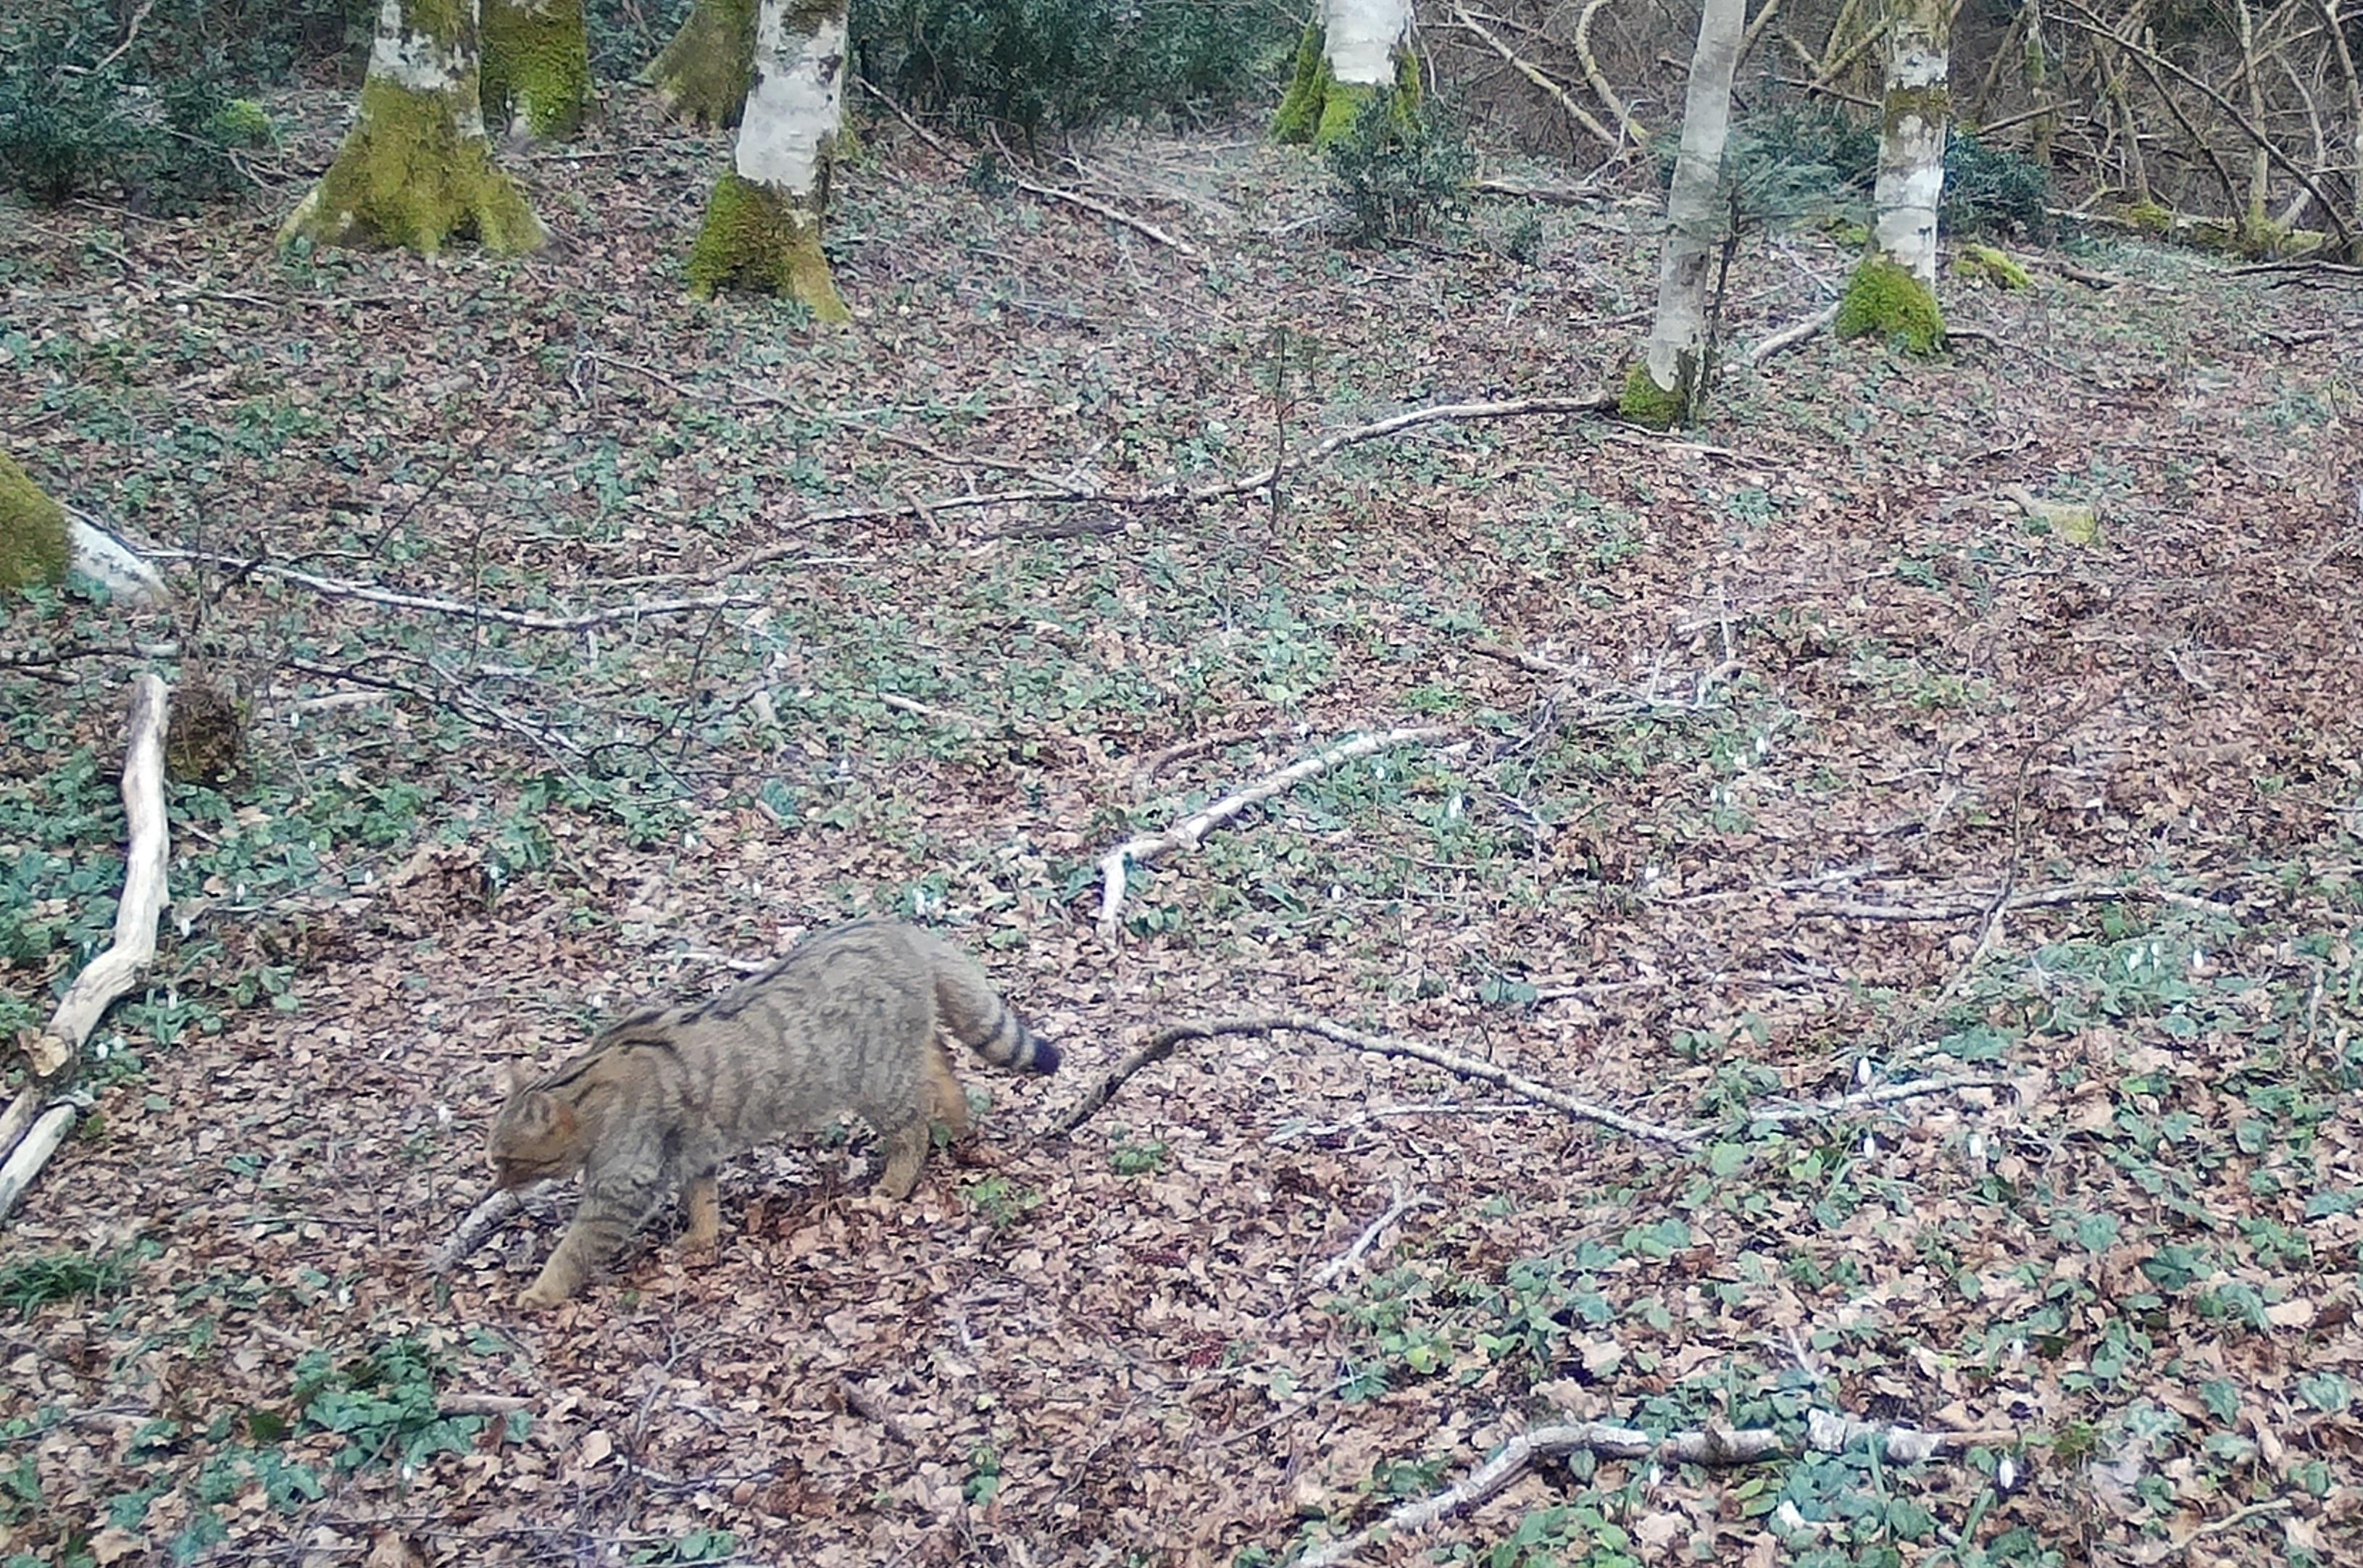 Parco Delle Serre Avvistato Un Raro Esemplare Di Gatto Selvatico